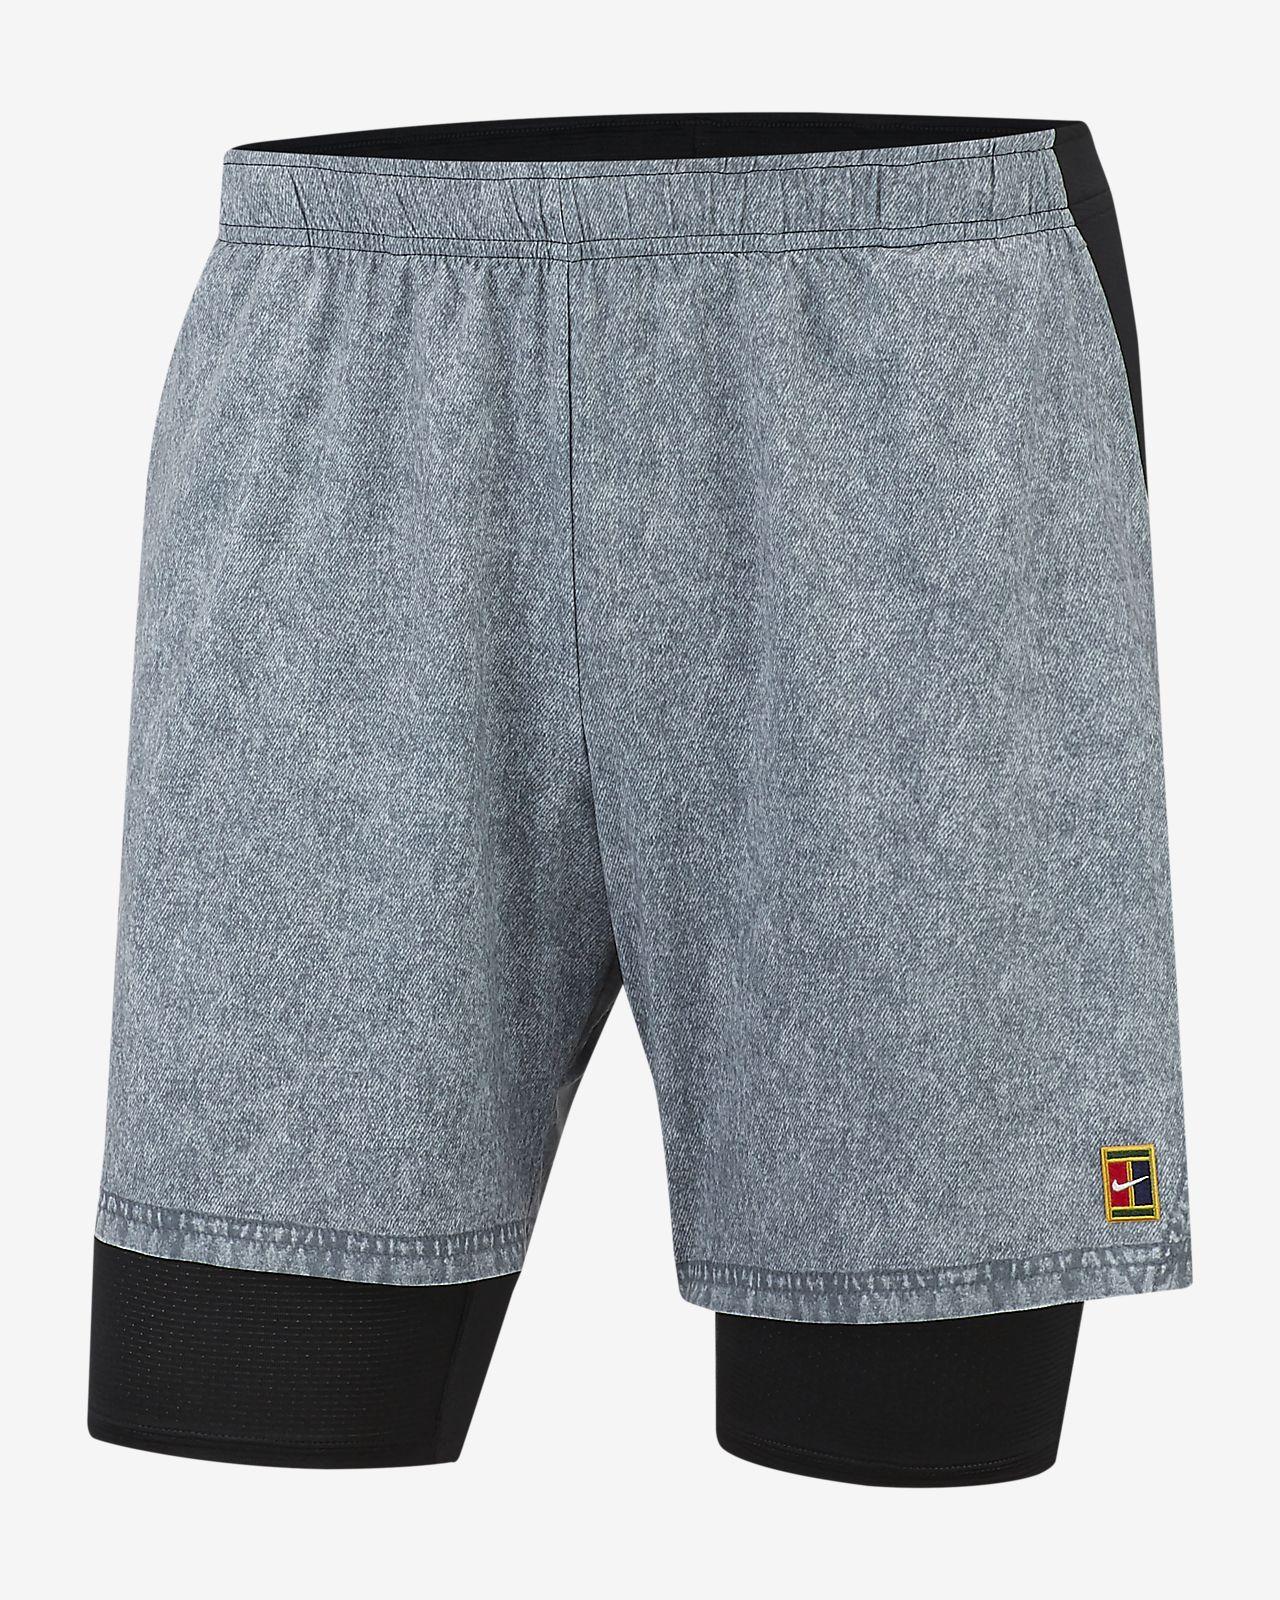 6b2e1113c44 Pánské tenisové kraťasy NikeCourt Flex Ace s potiskem. Nike.com CZ